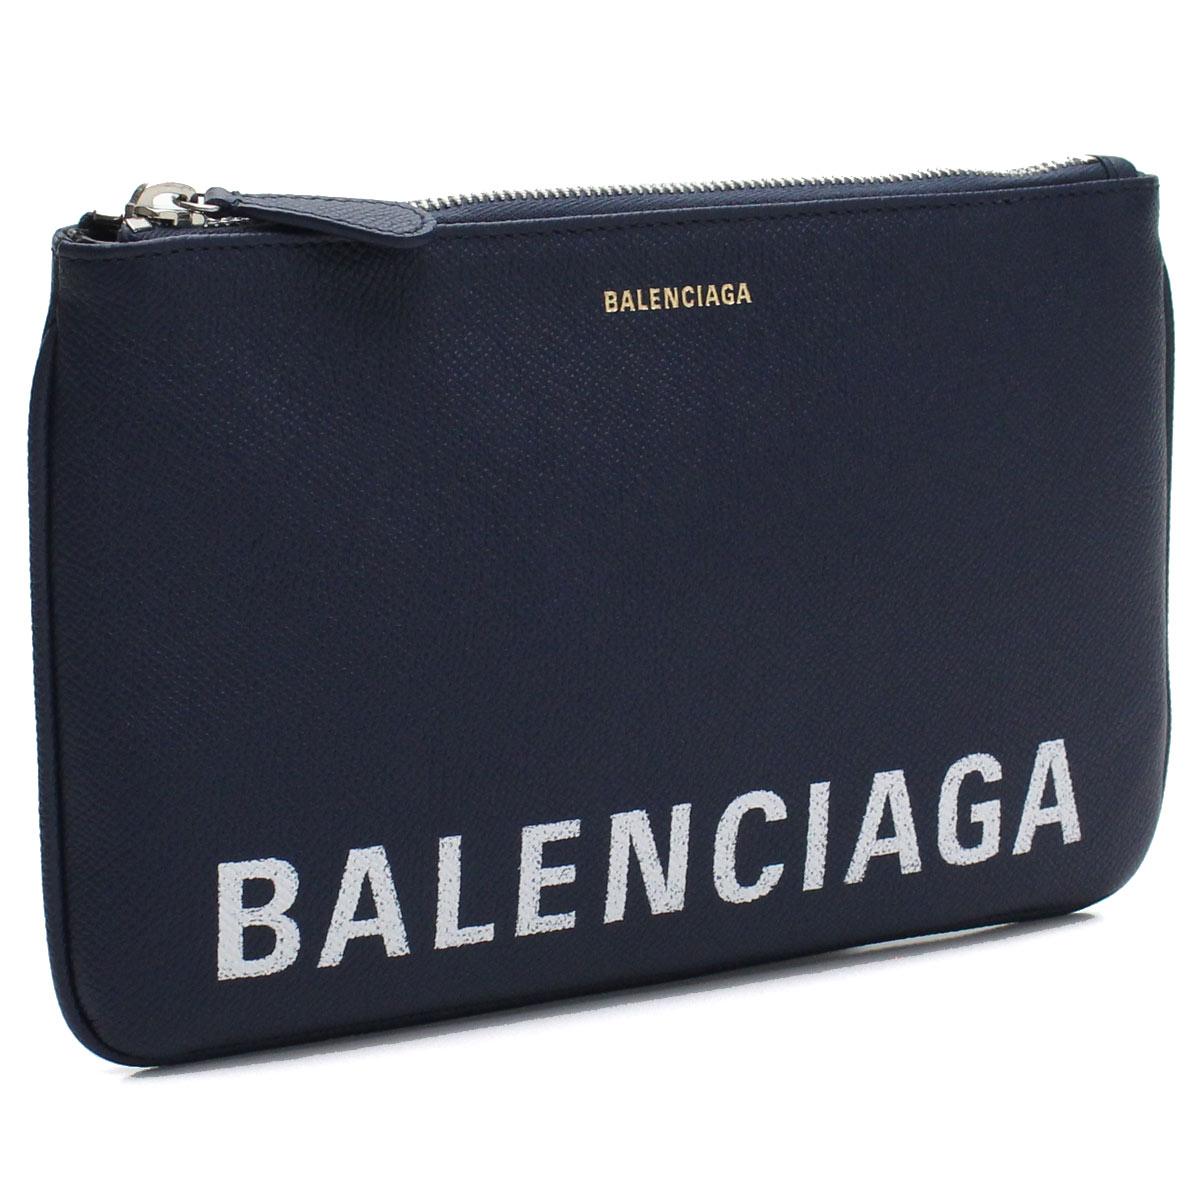 バレンシアガ BALENCIAGA VILLE ヴィル ミディアム クラッチバッグ ポーチ 545773 0OTD3 4323 ブルー系 レディース